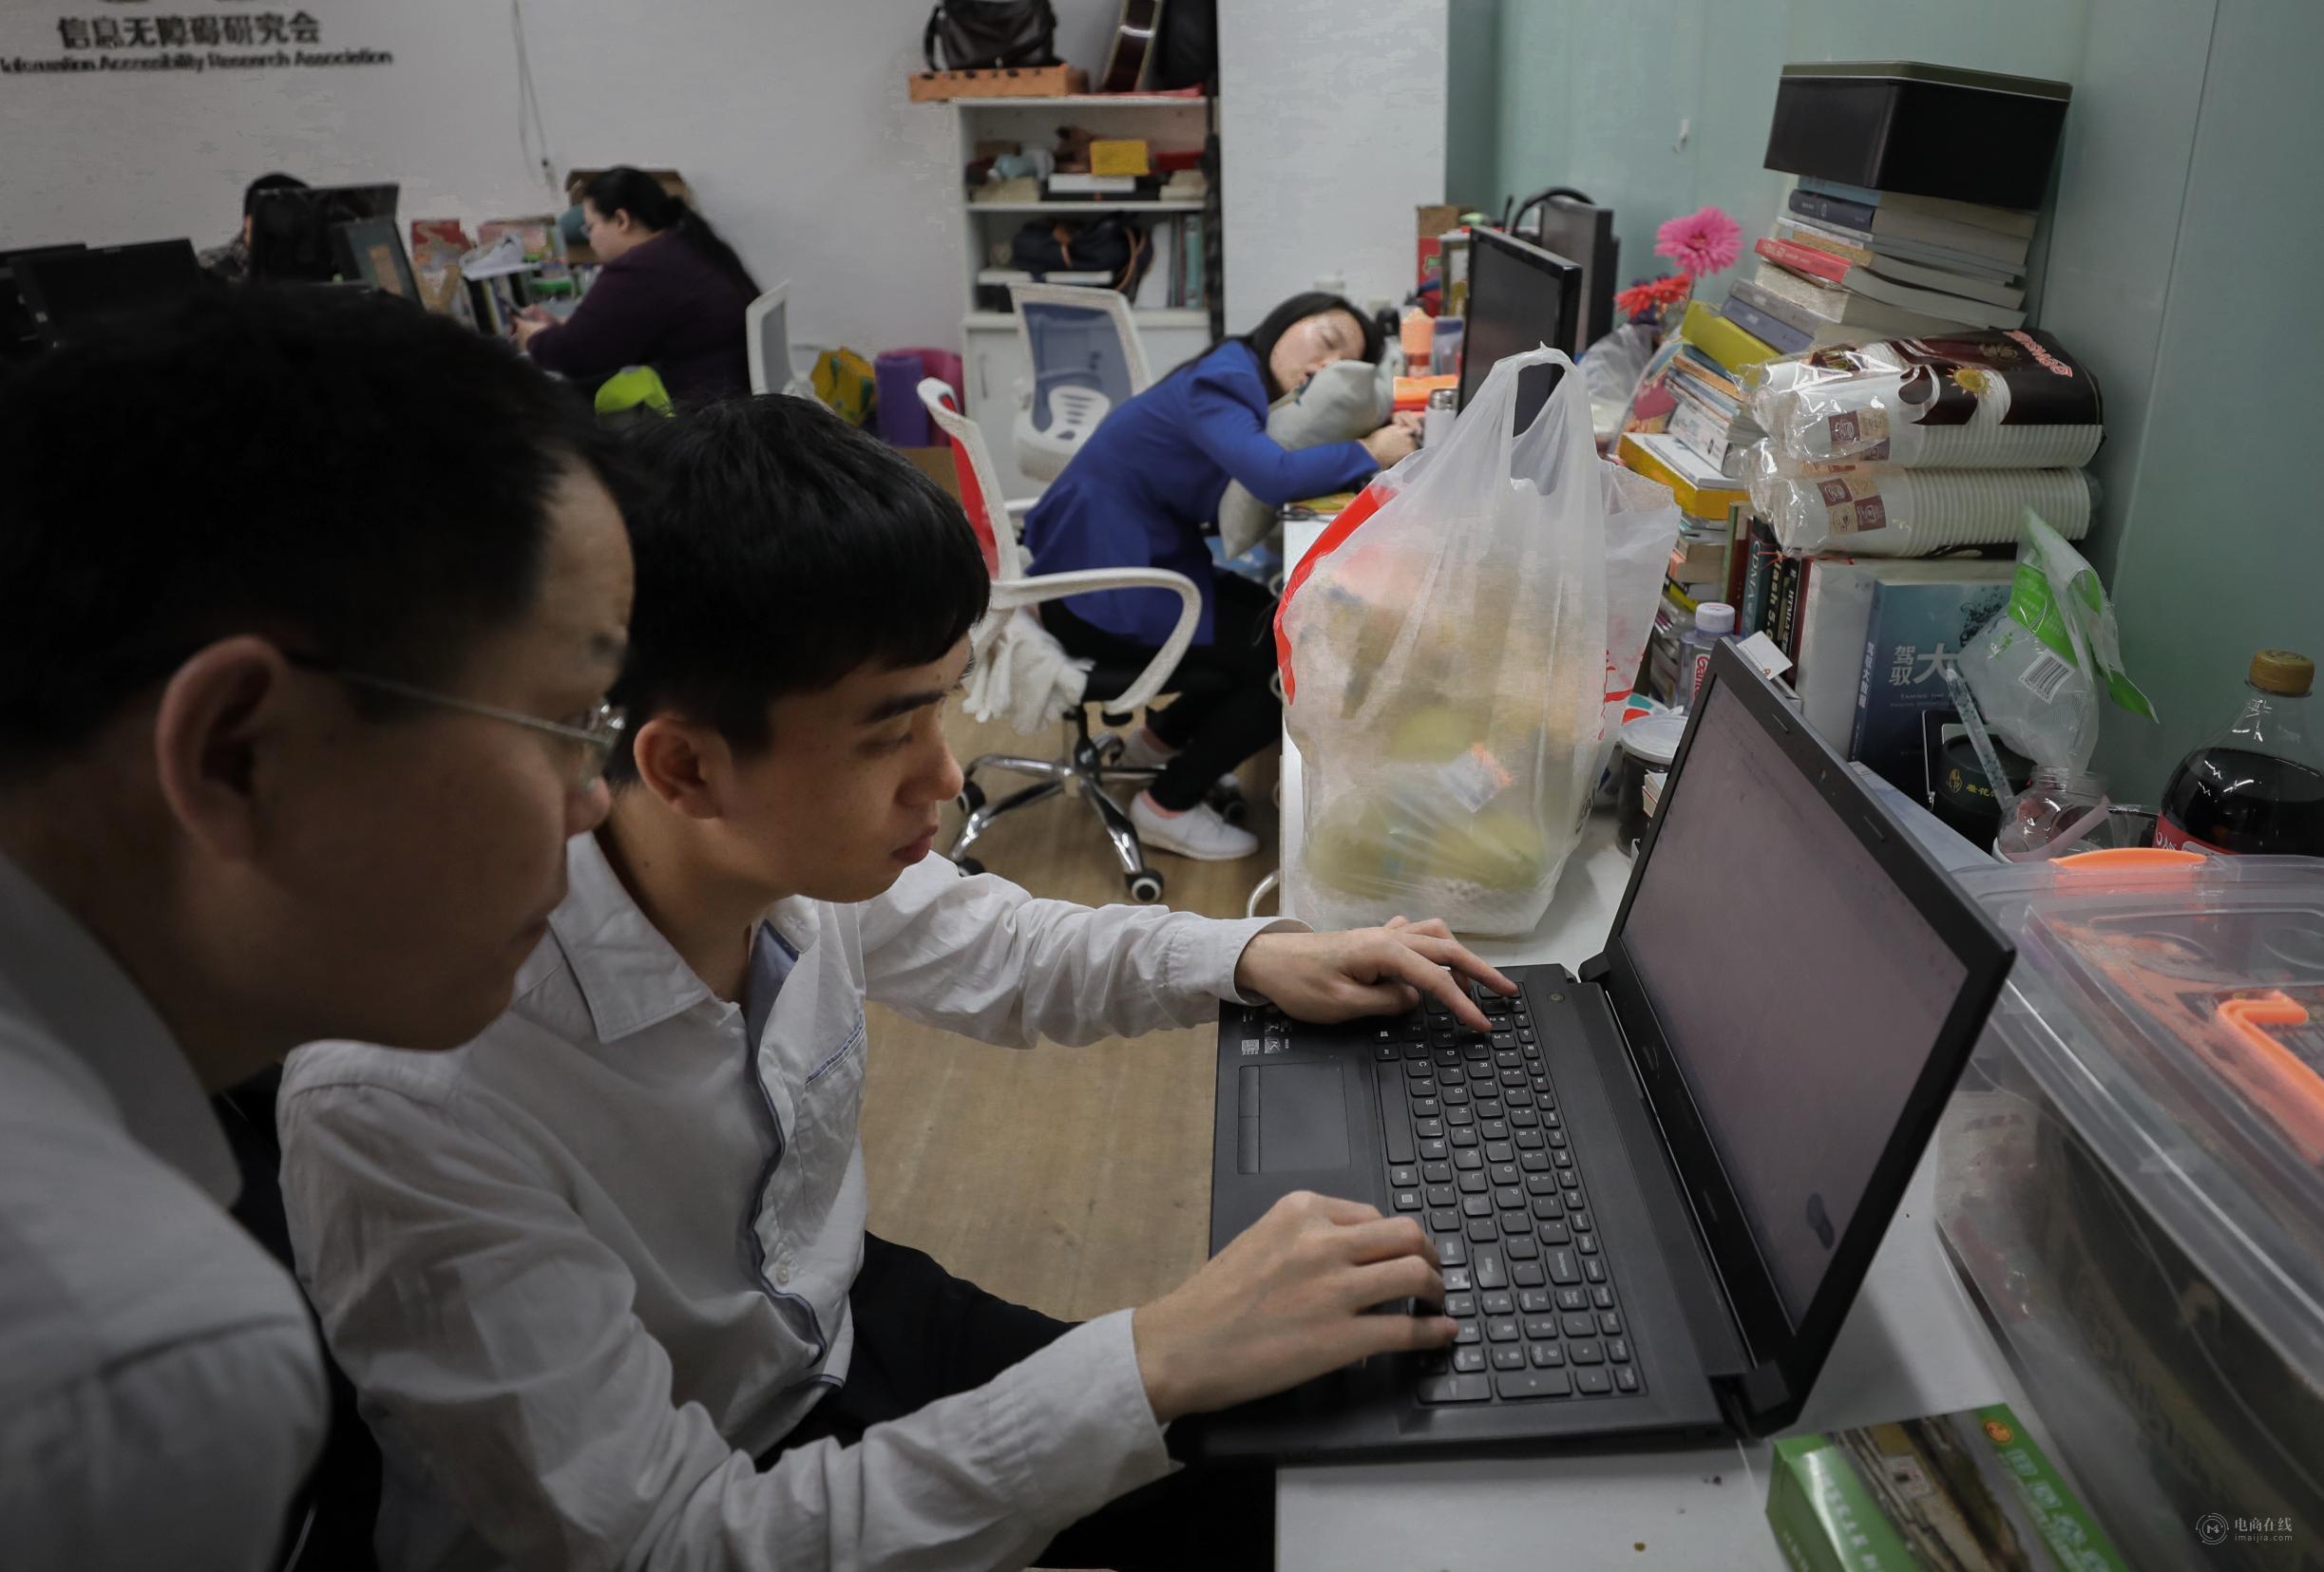 盲人程序员:背代码编程,要与常人平等工作